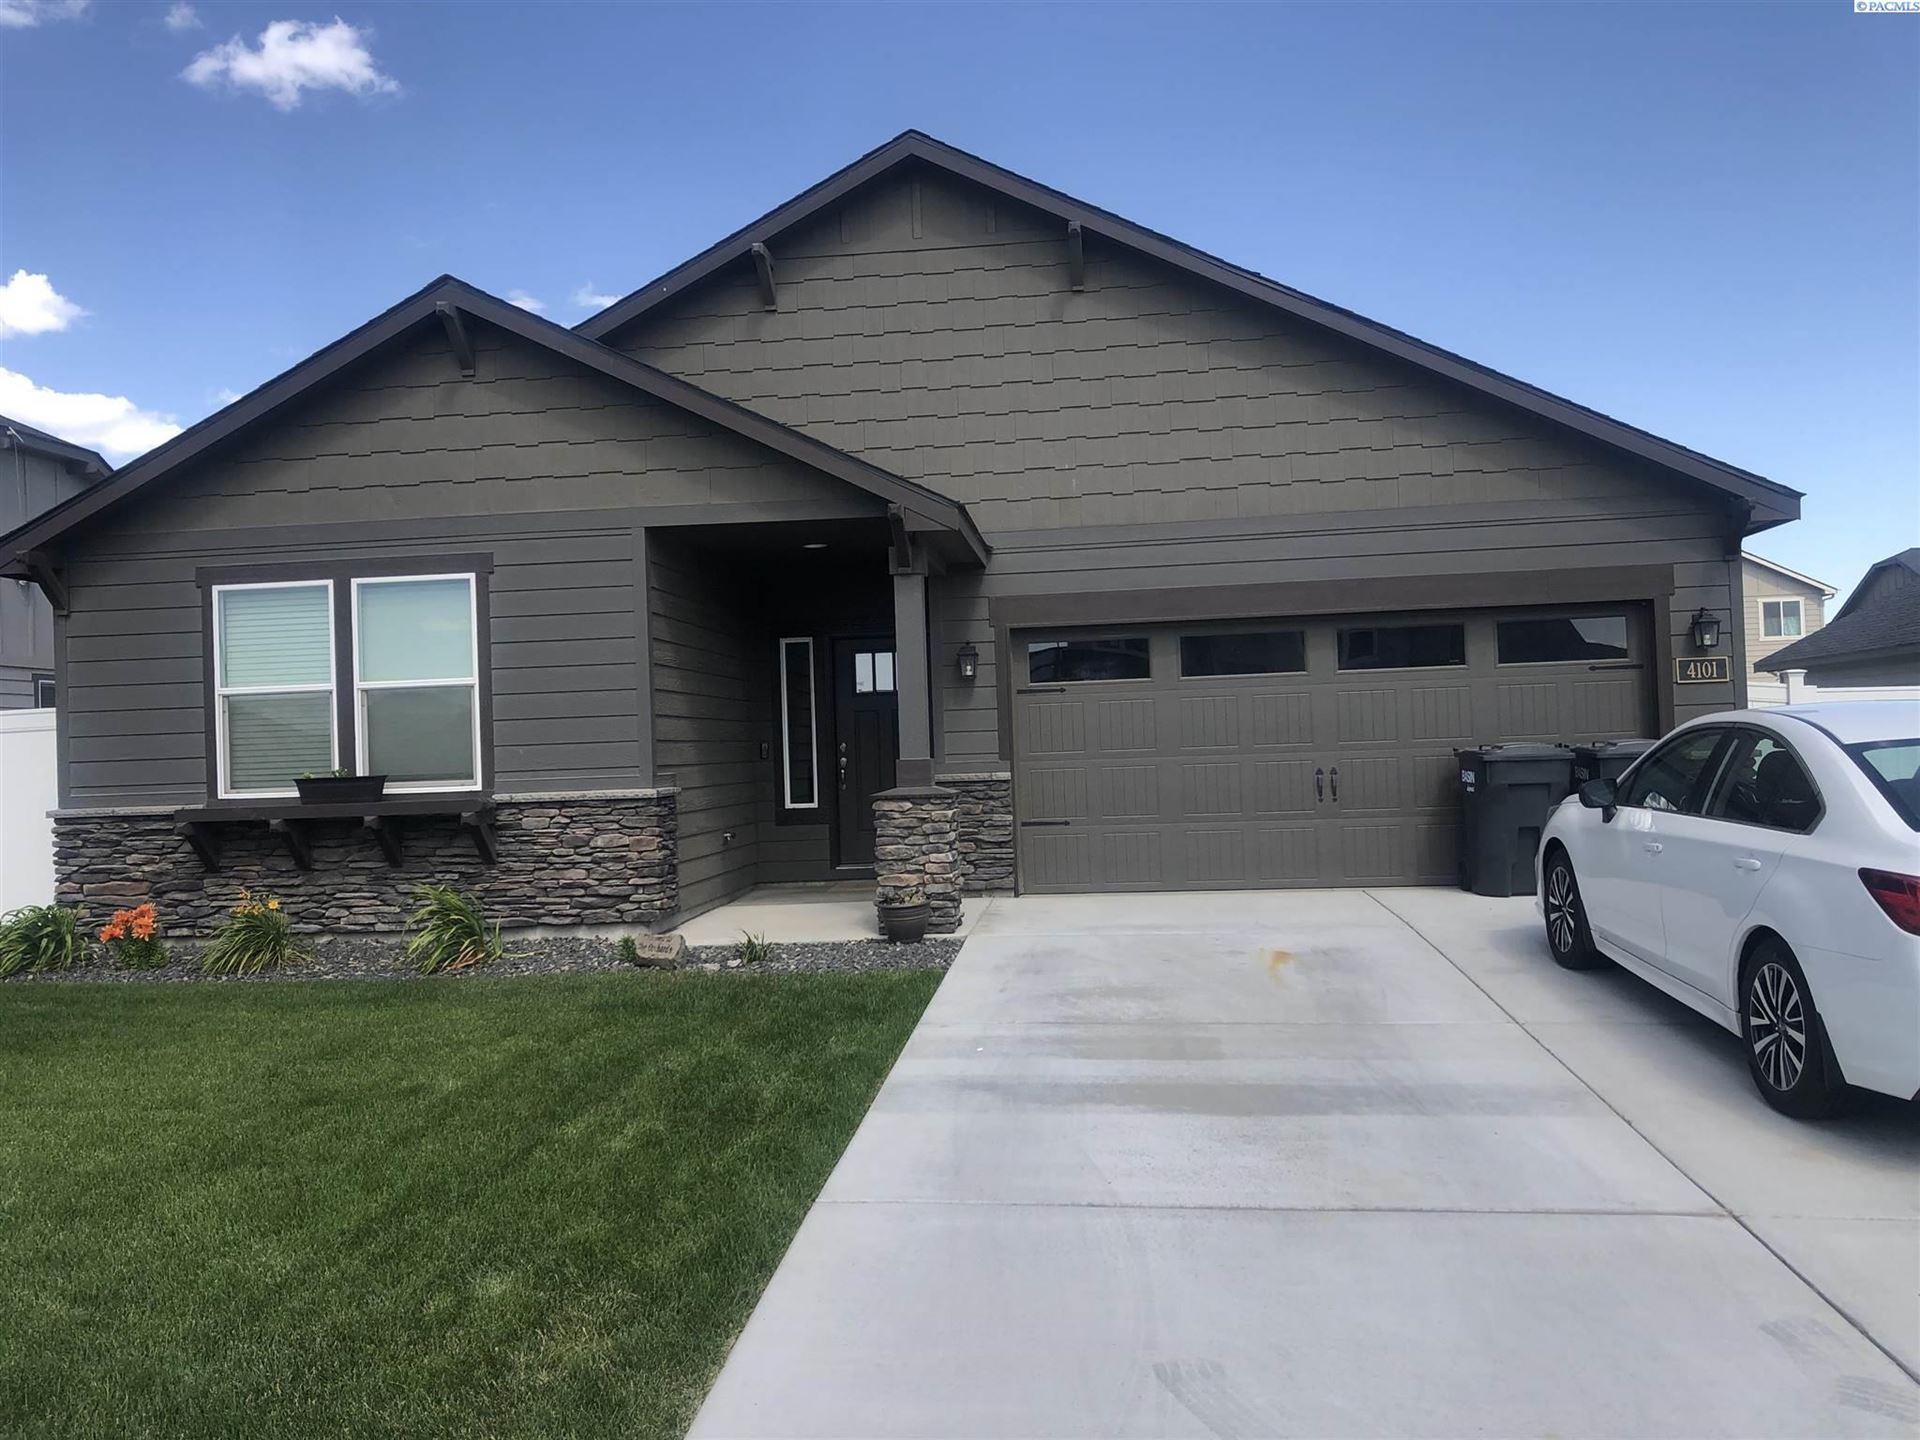 Photo of 4101 Nitinat Lane, Pasco, WA 99301 (MLS # 254383)